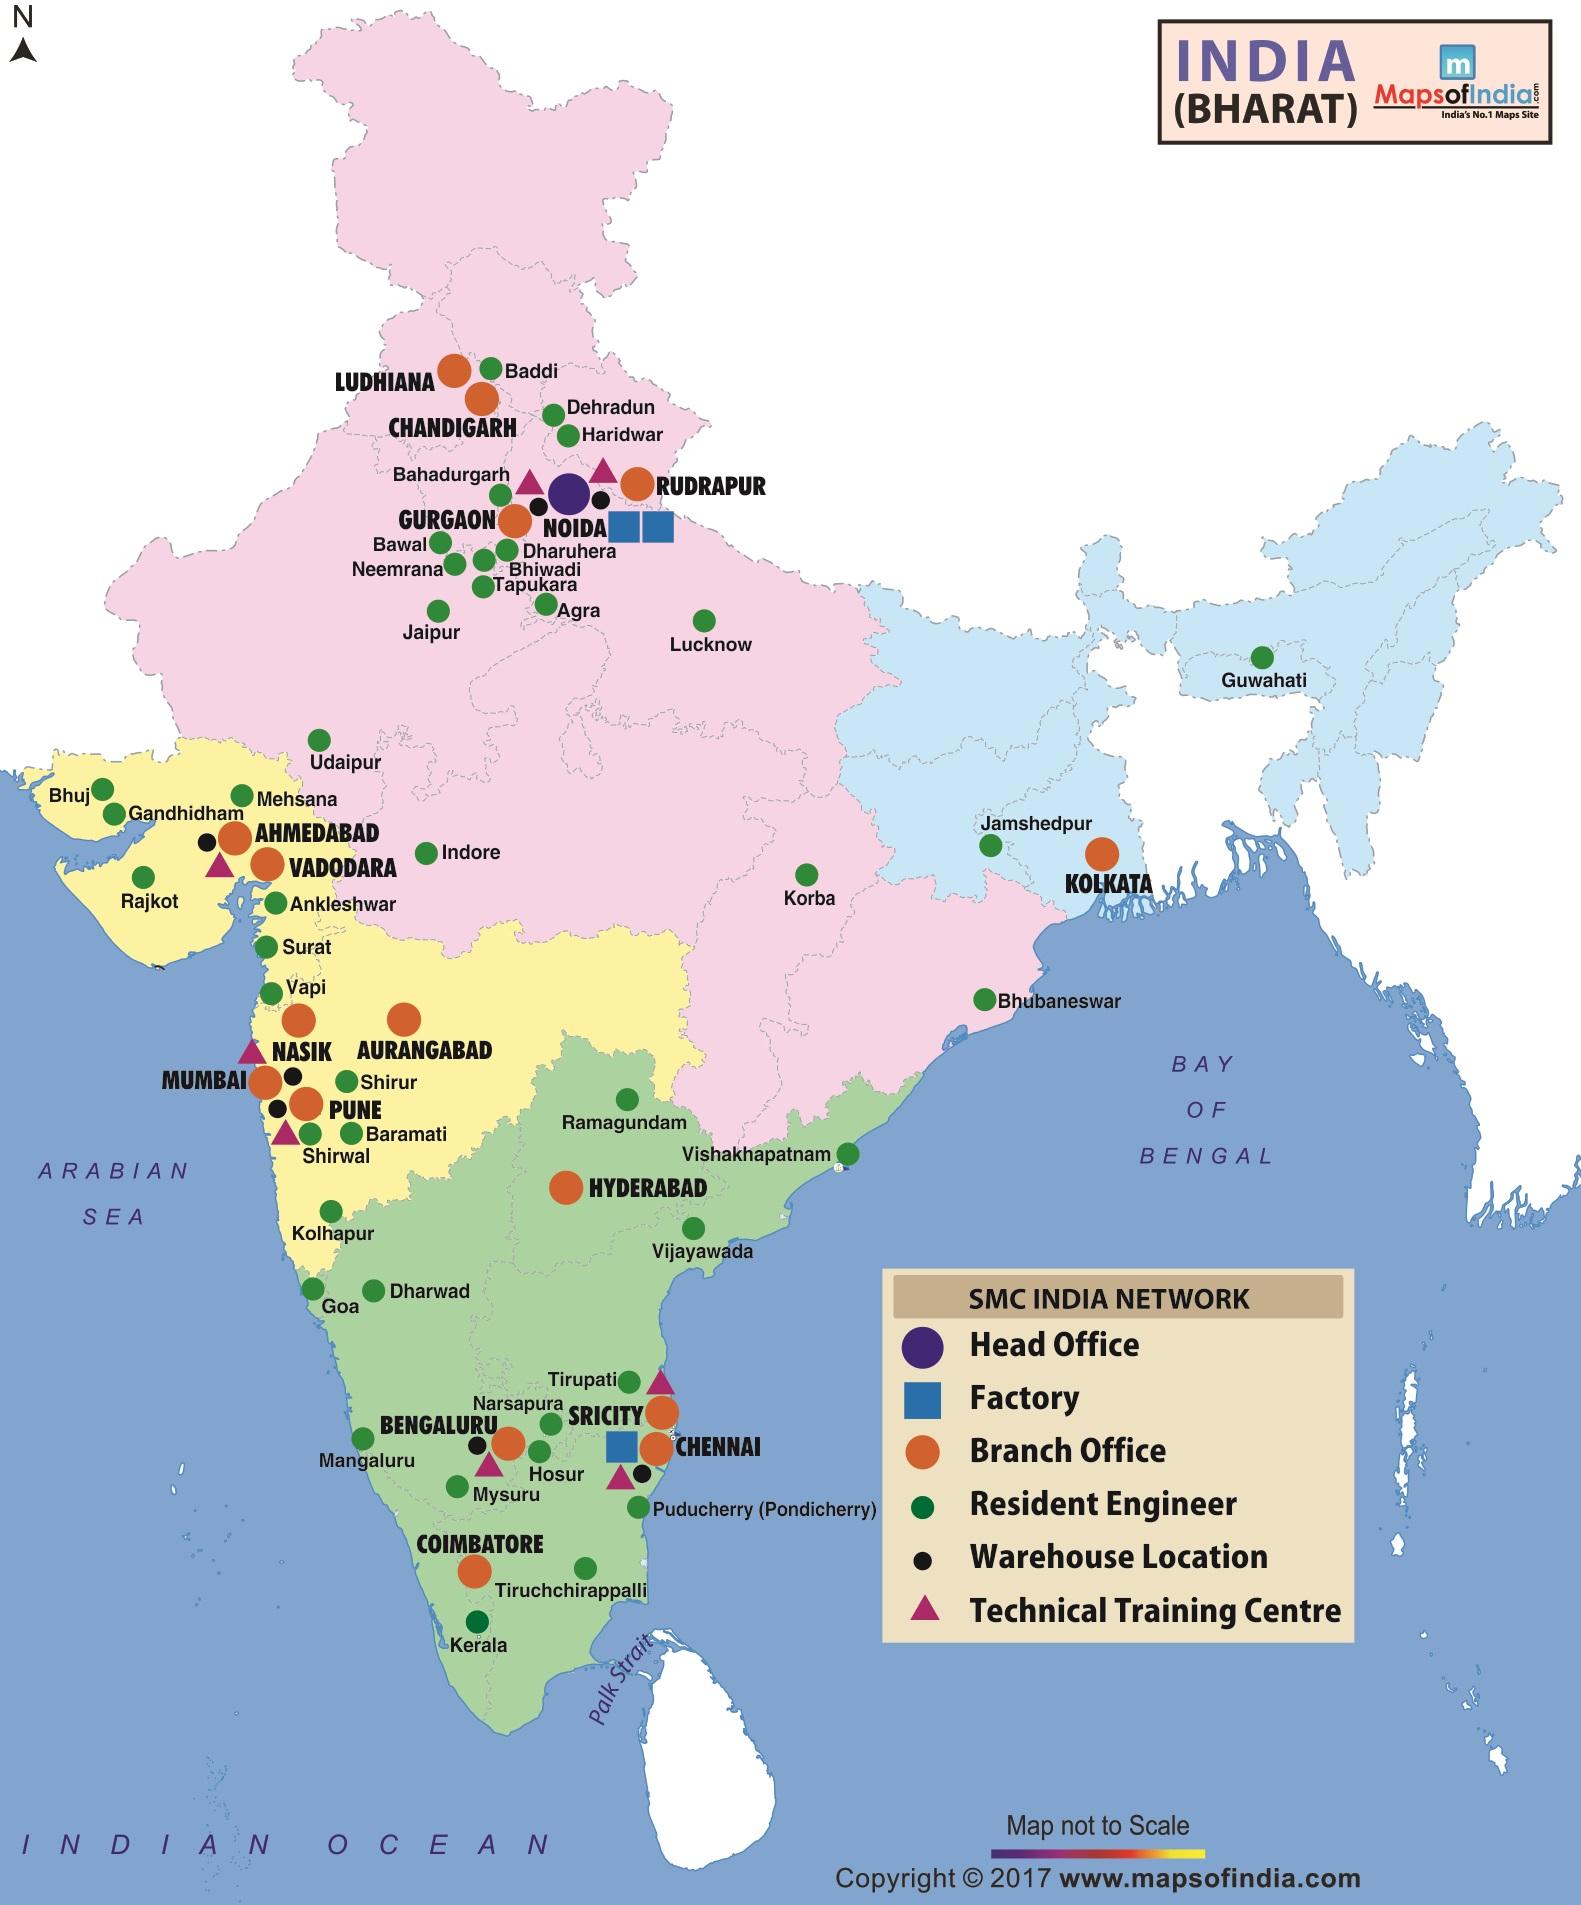 SMC's Presence in India